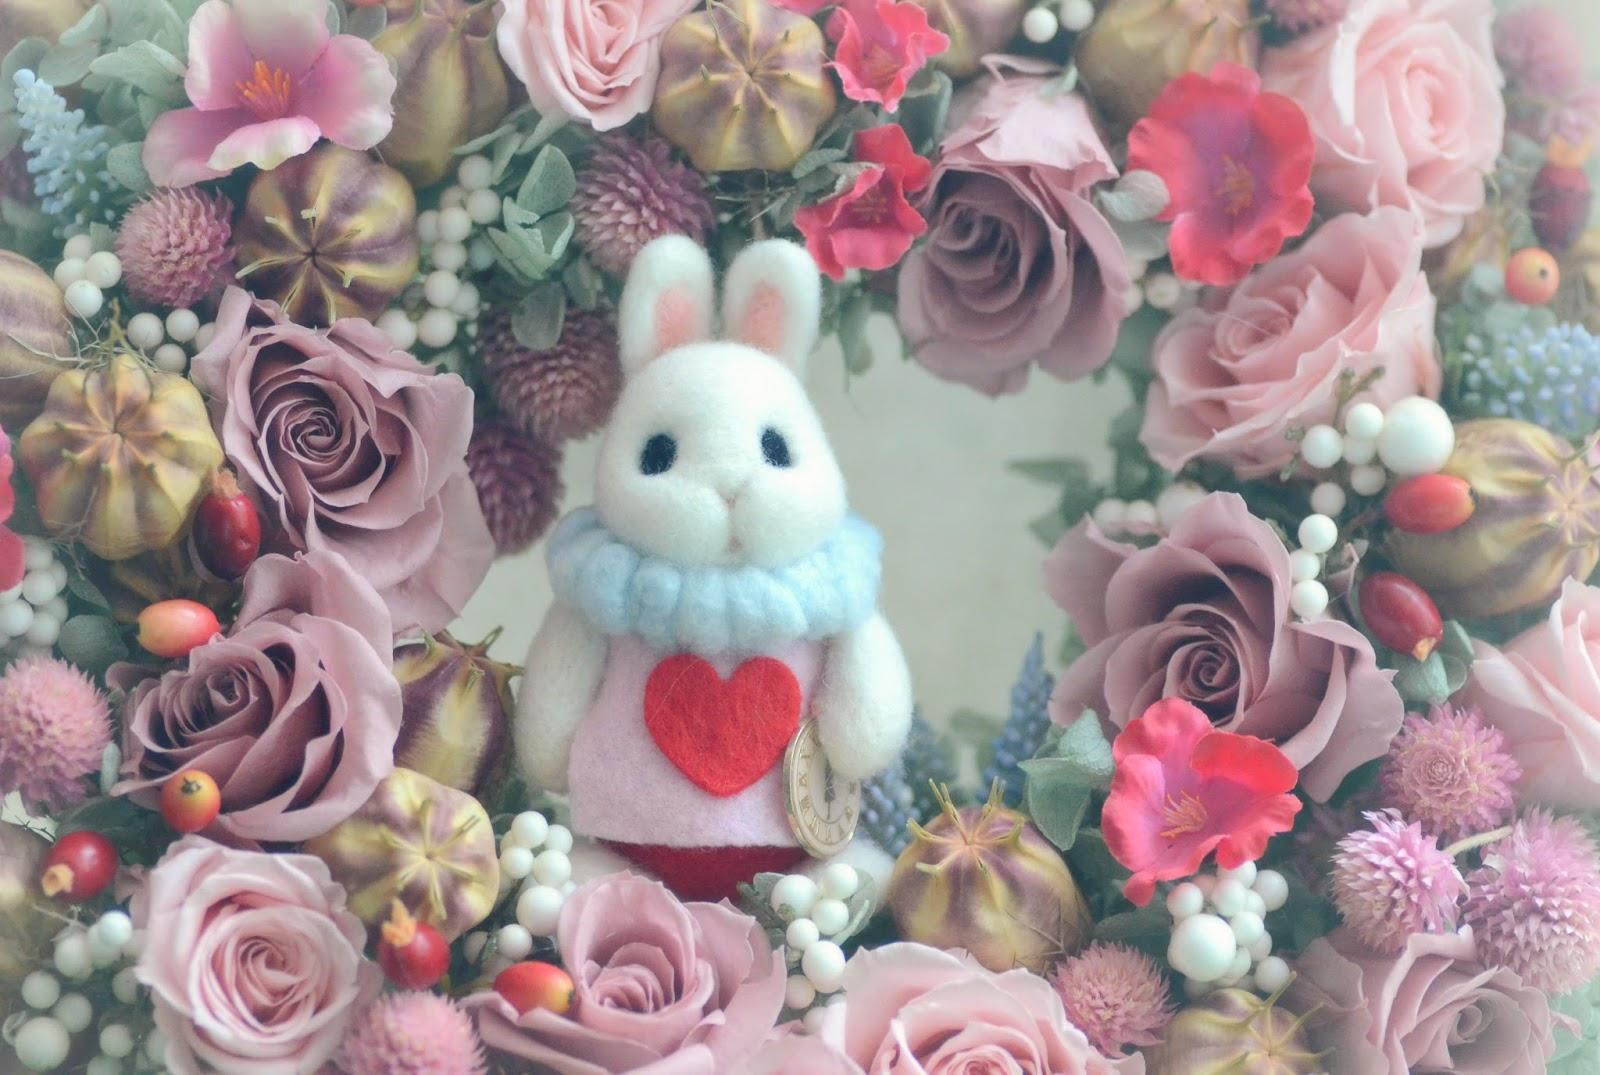 Nozomi crafts alice in wonderland white rabbit in flower for Alice in wonderland crafts